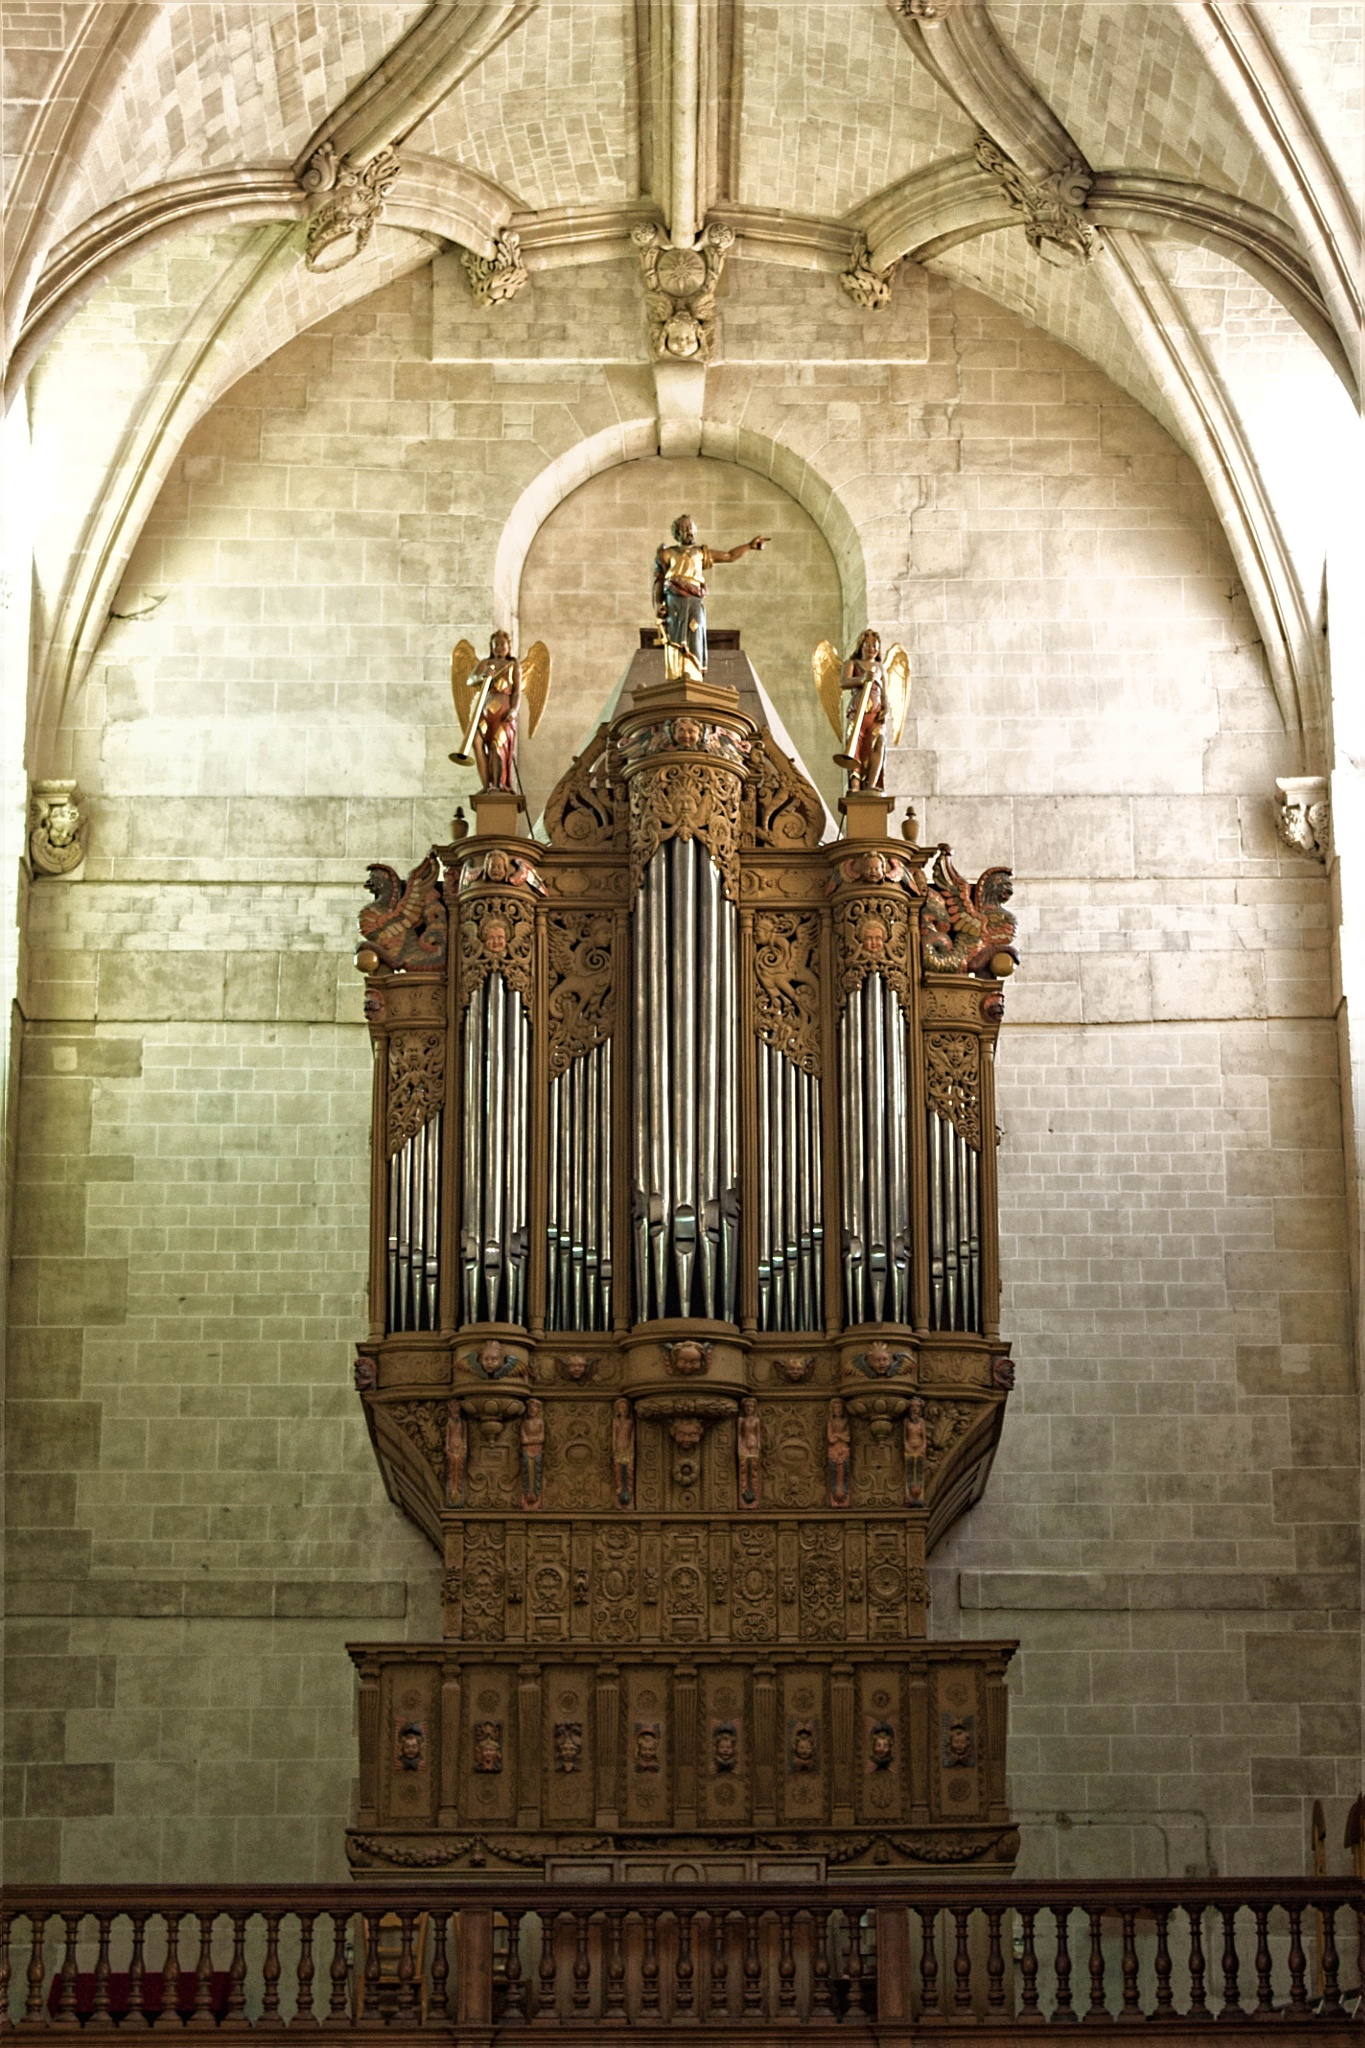 Orgue de l'eglise de Dreux by hubert61